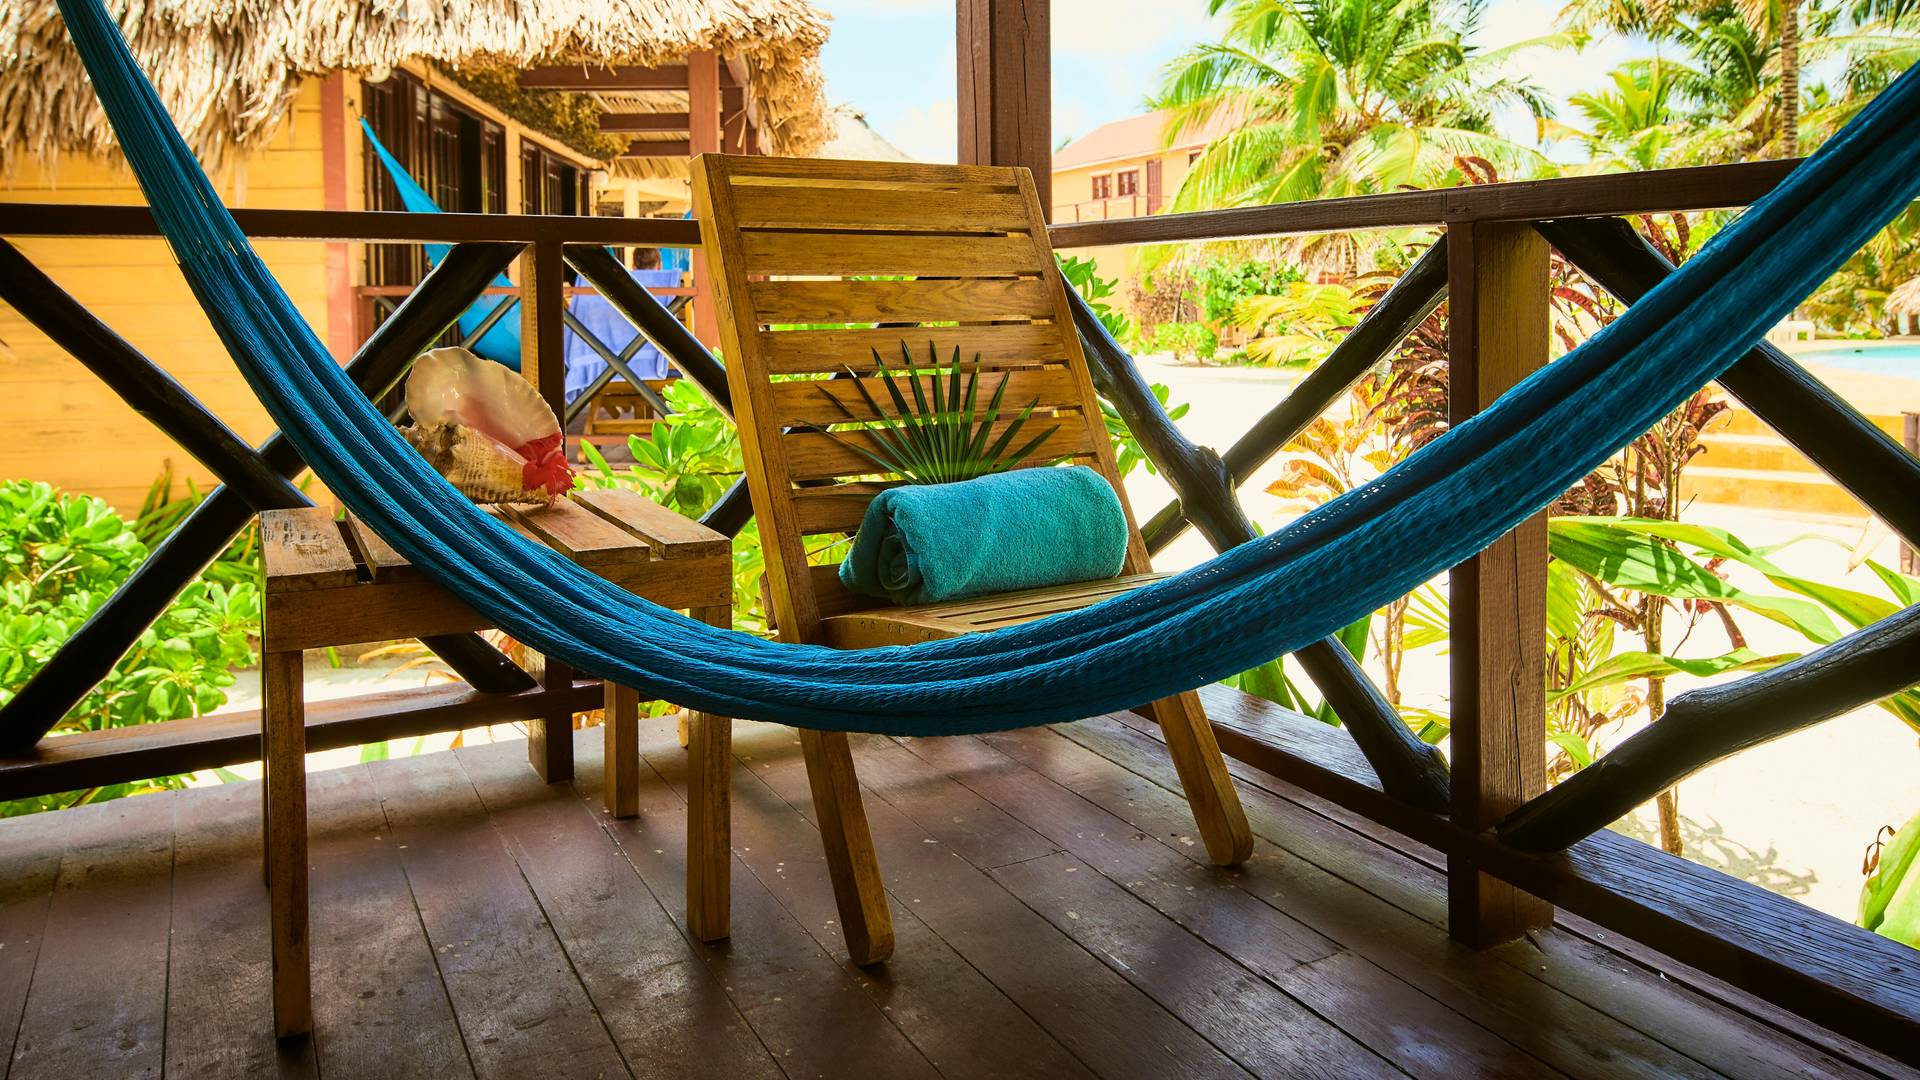 portofino-beach-cabana-uitzicht